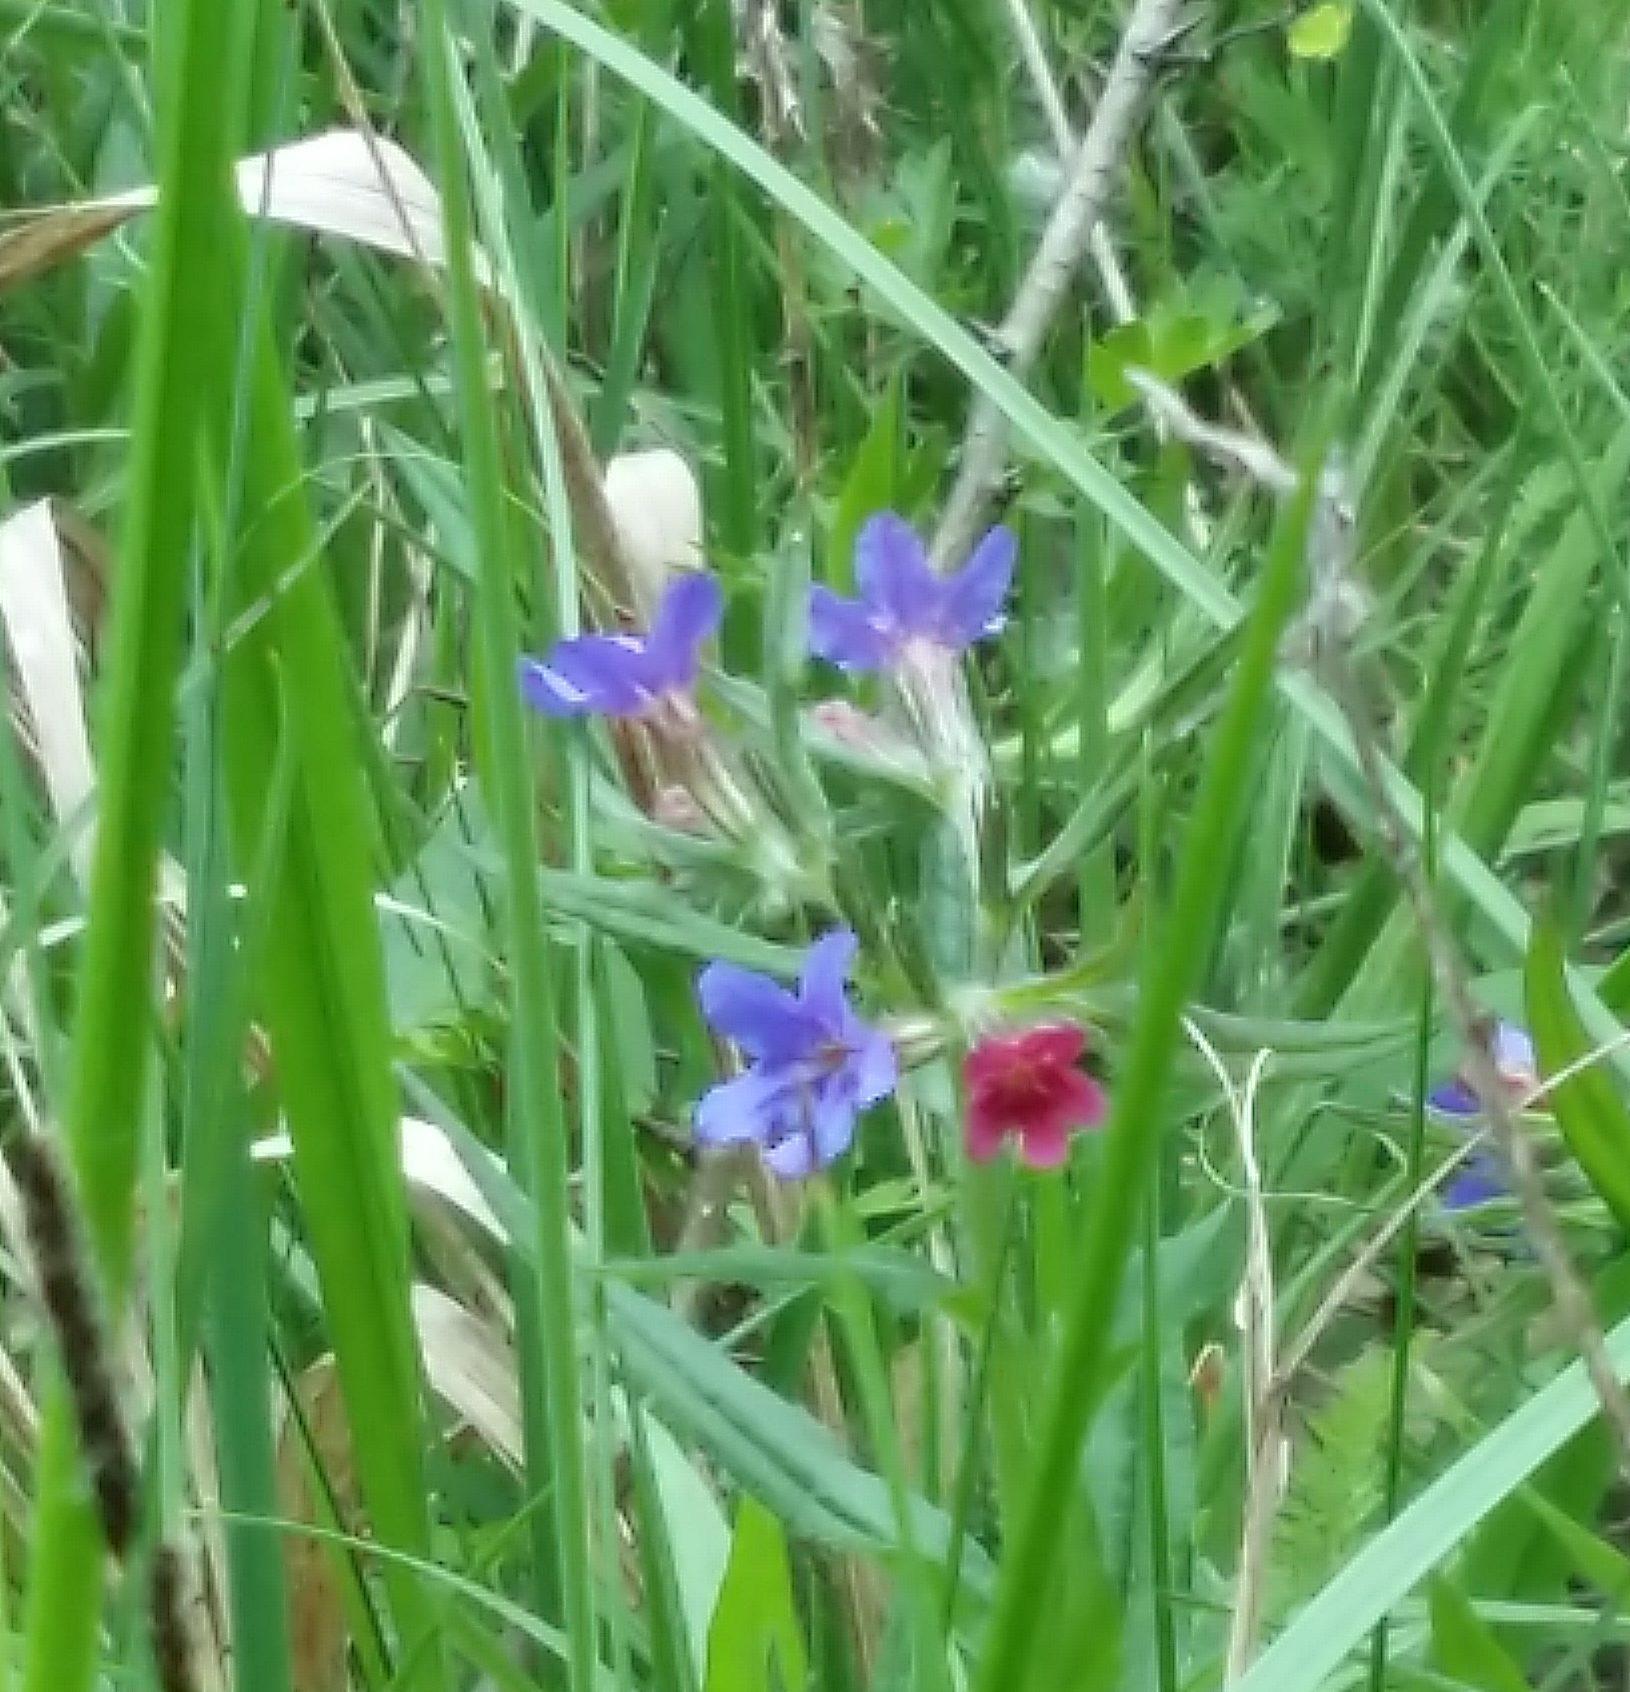 im hohen Gras sieht man in Grossaufnahme blaue und rote Wiesenblumen